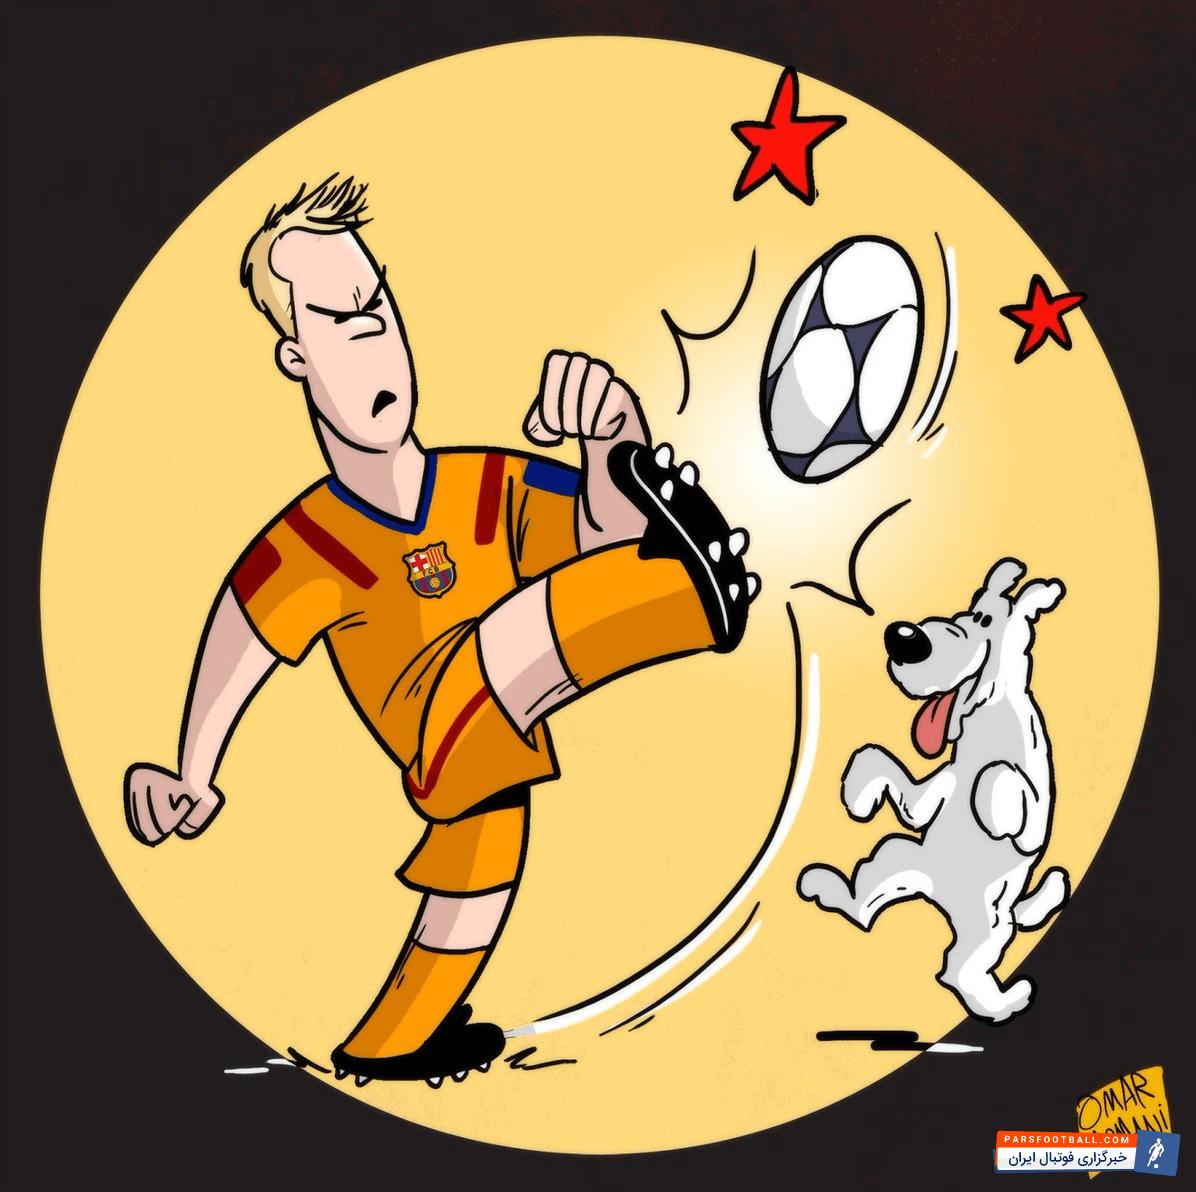 کاریکاتور ؛ تولد سه ستاره دنیای فوتبال در یک روز